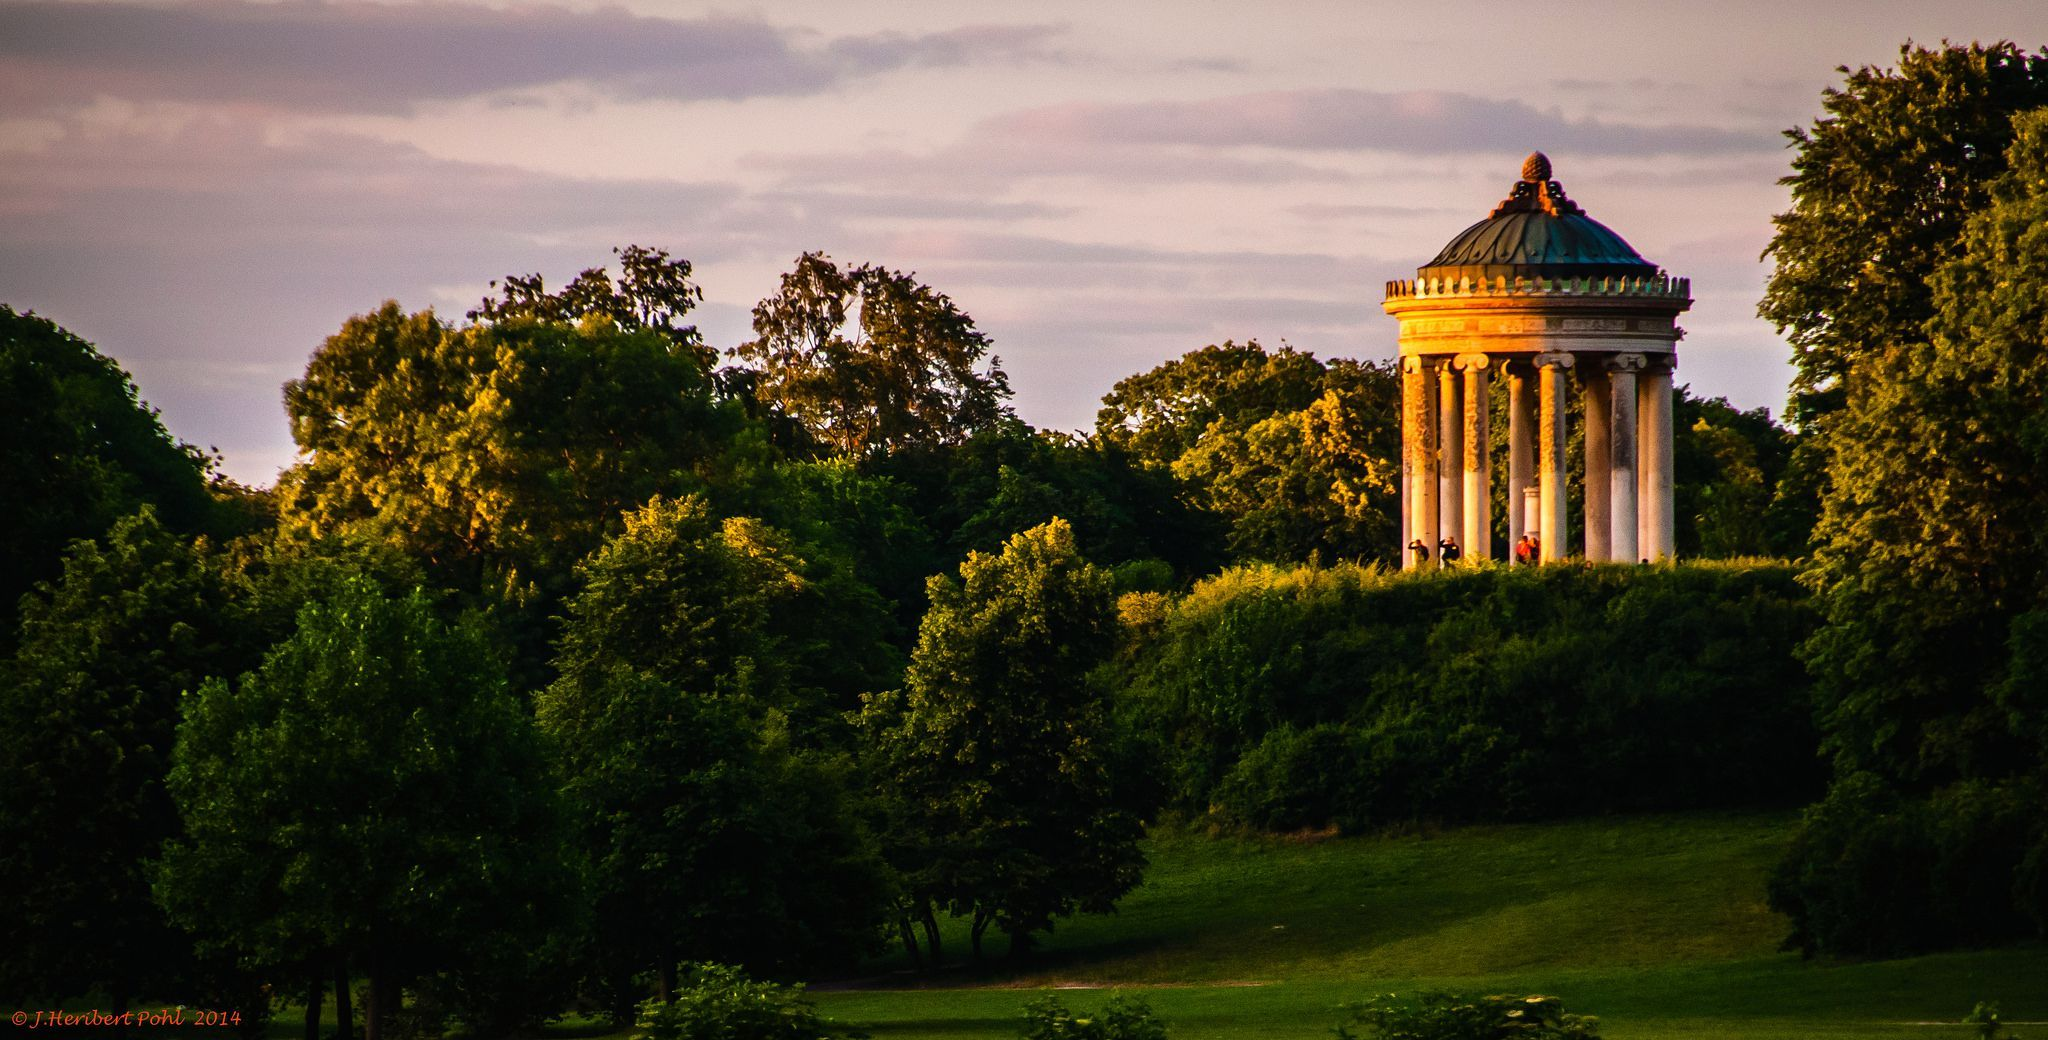 Englischer Garten Ein Tag Im Grunen Ausflugstipp Fur Kinder In Munchen Ausflugstipp E English Garden Best Cities Park City